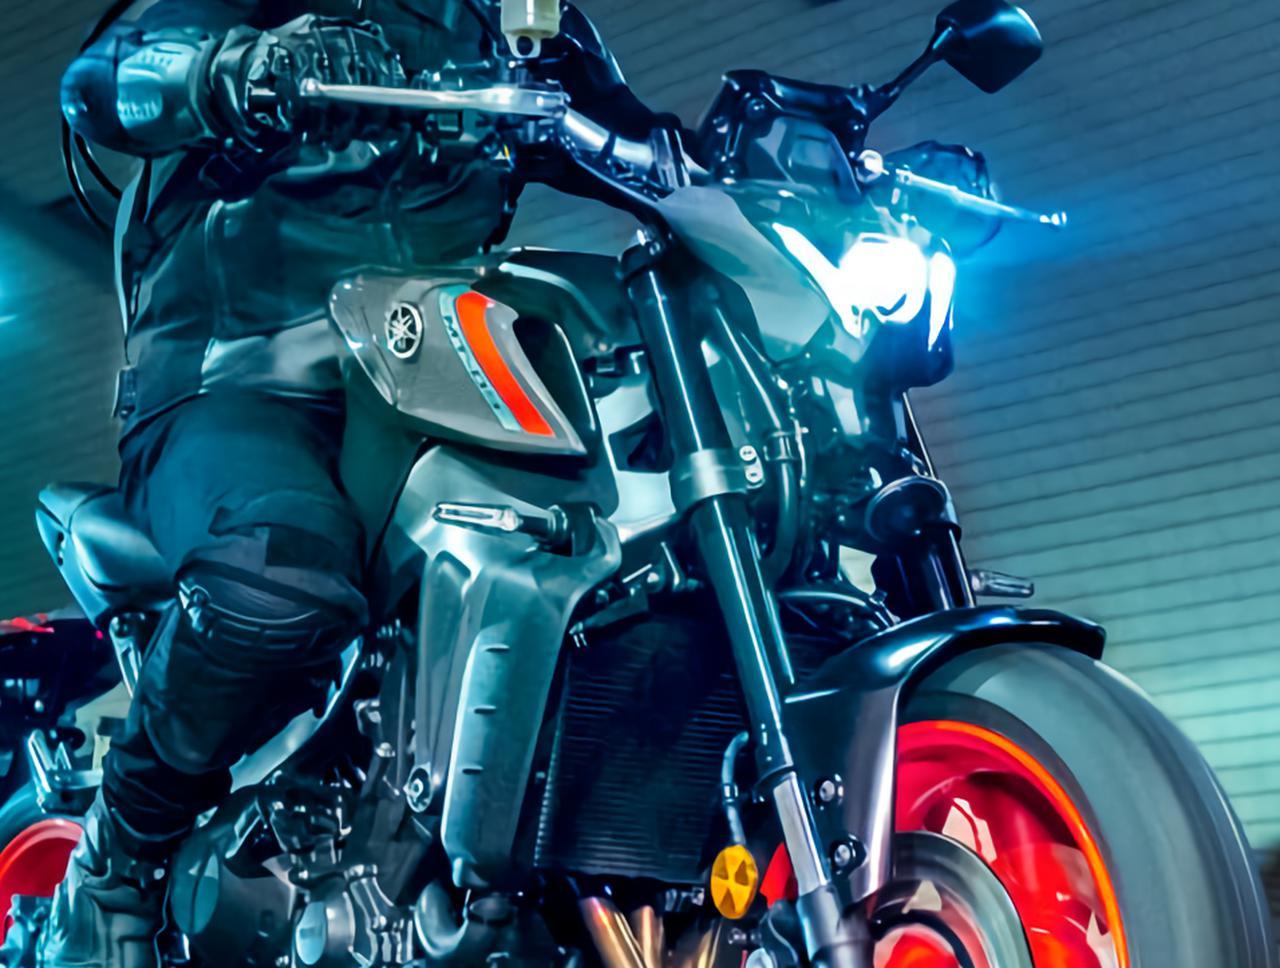 【2021速報】ヤマハが新型「MT-09」を発表! 排気量アップ、軽量化、6軸IMUの採用、スタイリングも一新したフルモデルチェンジ!